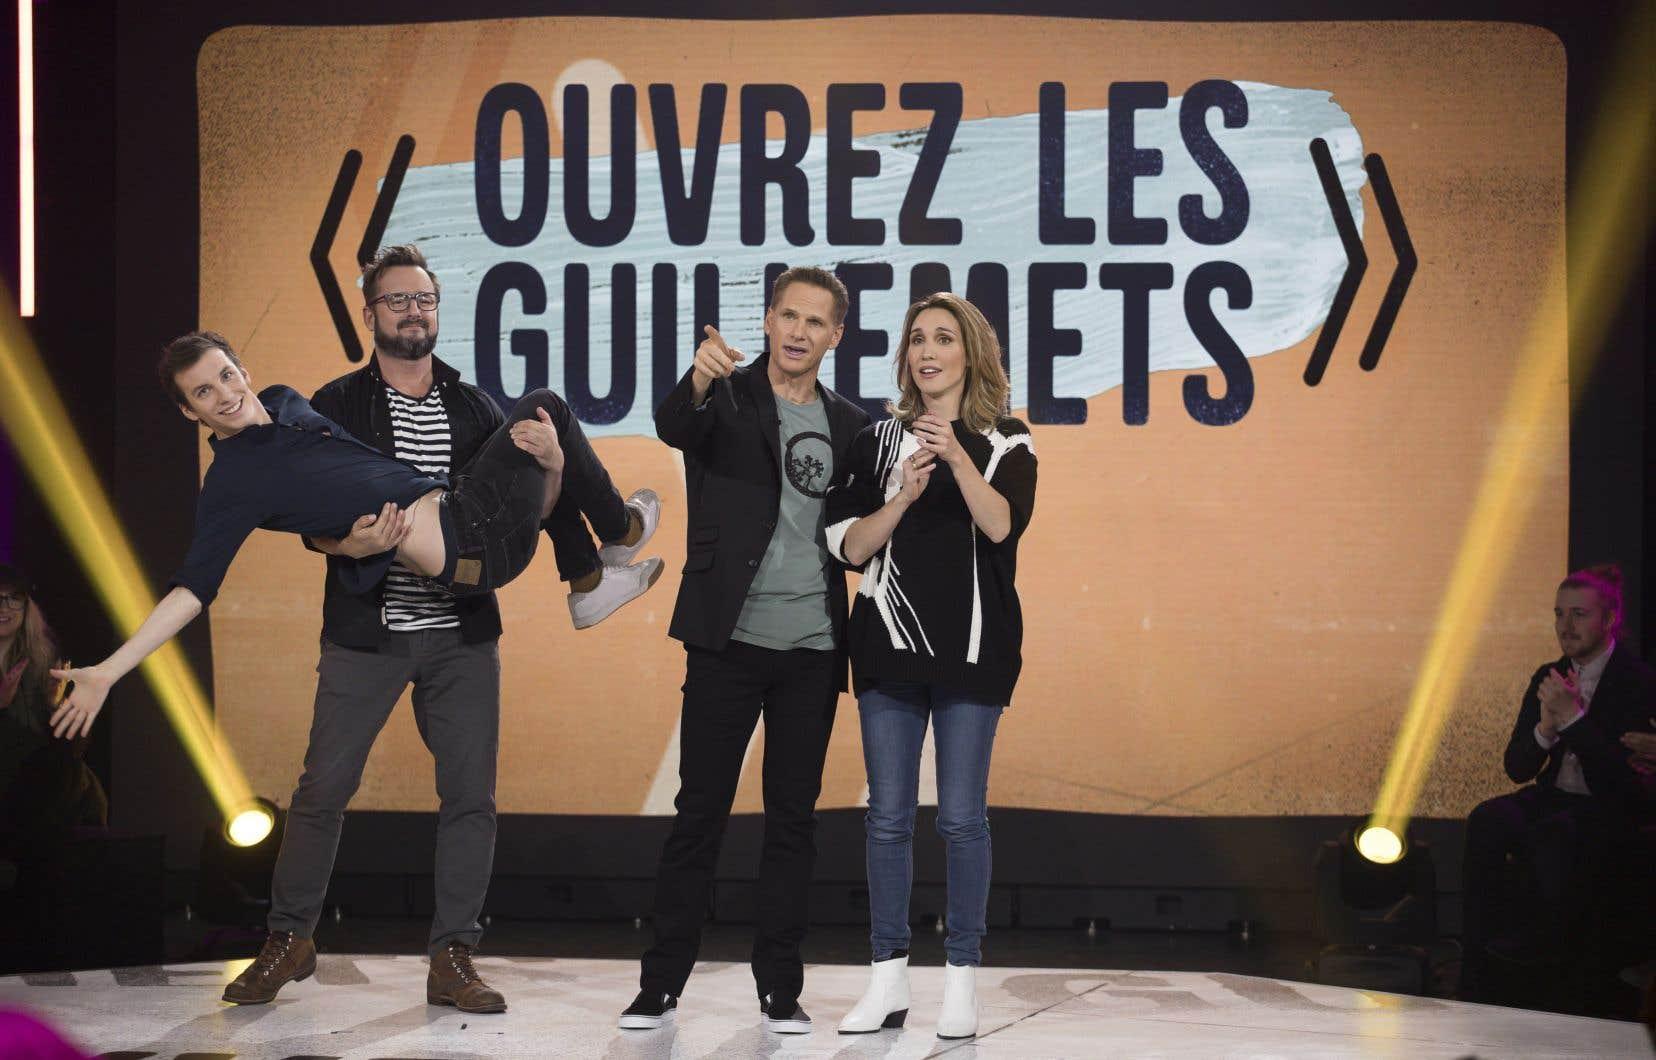 Pour les prestations comiques, François Morency, en compagnie de Bianca Gervais, pourra compter sur plusieurs collaborateurs, parmi lesquels Pier-Luc Funk et Rémi-Pierre Paquin.